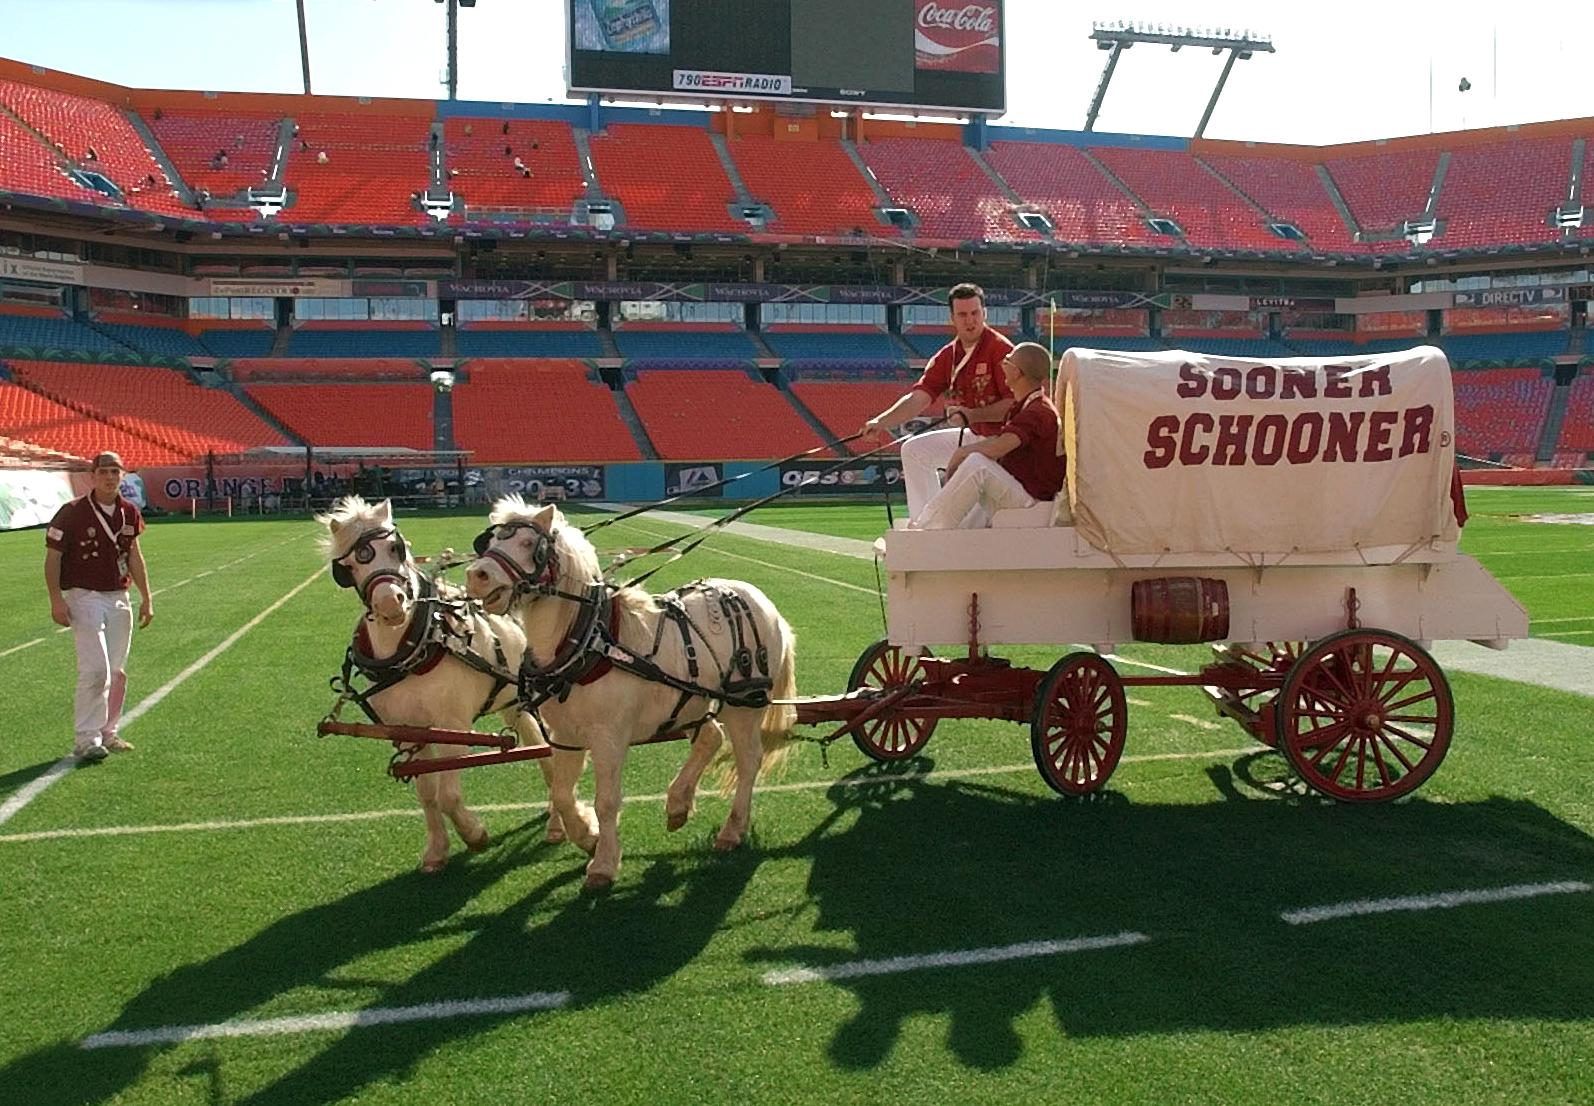 Dos caballos tirando una carreta cubierta en el campo de un estadio (© AP Images)